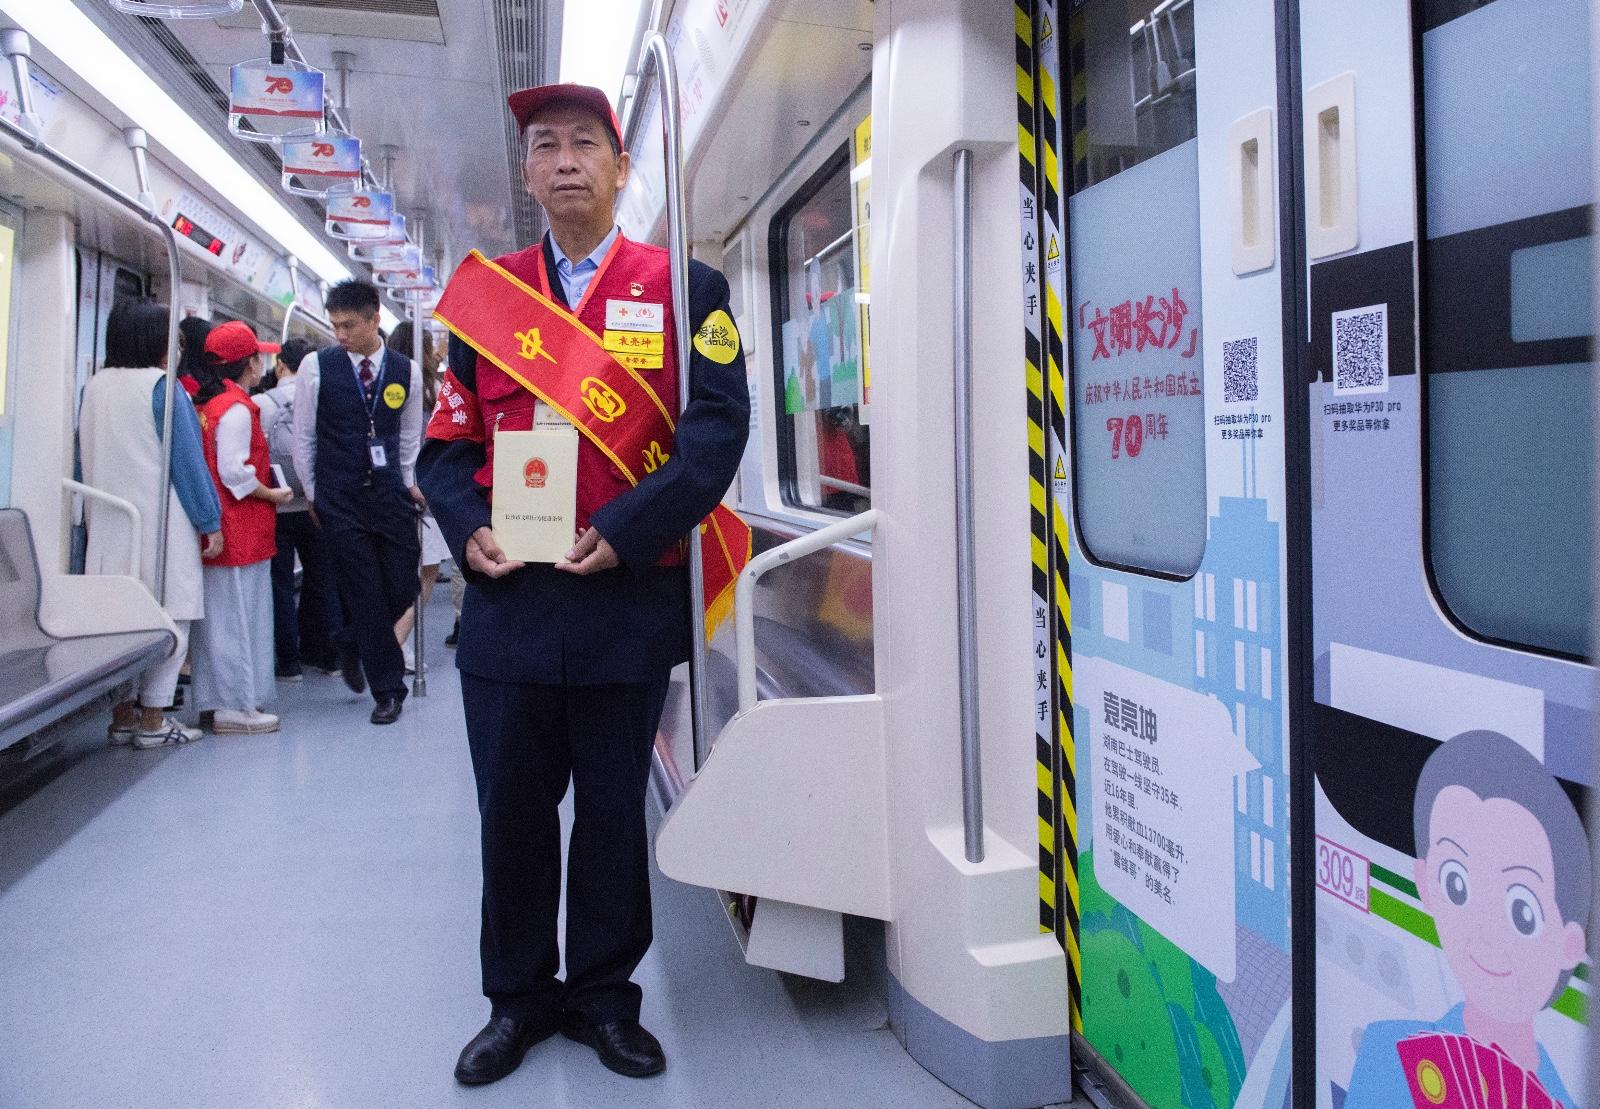 """""""热血公交哥""""袁亮坤在列车上和自己的展示栏合影。长沙晚报全媒体记者 邹麟 摄"""